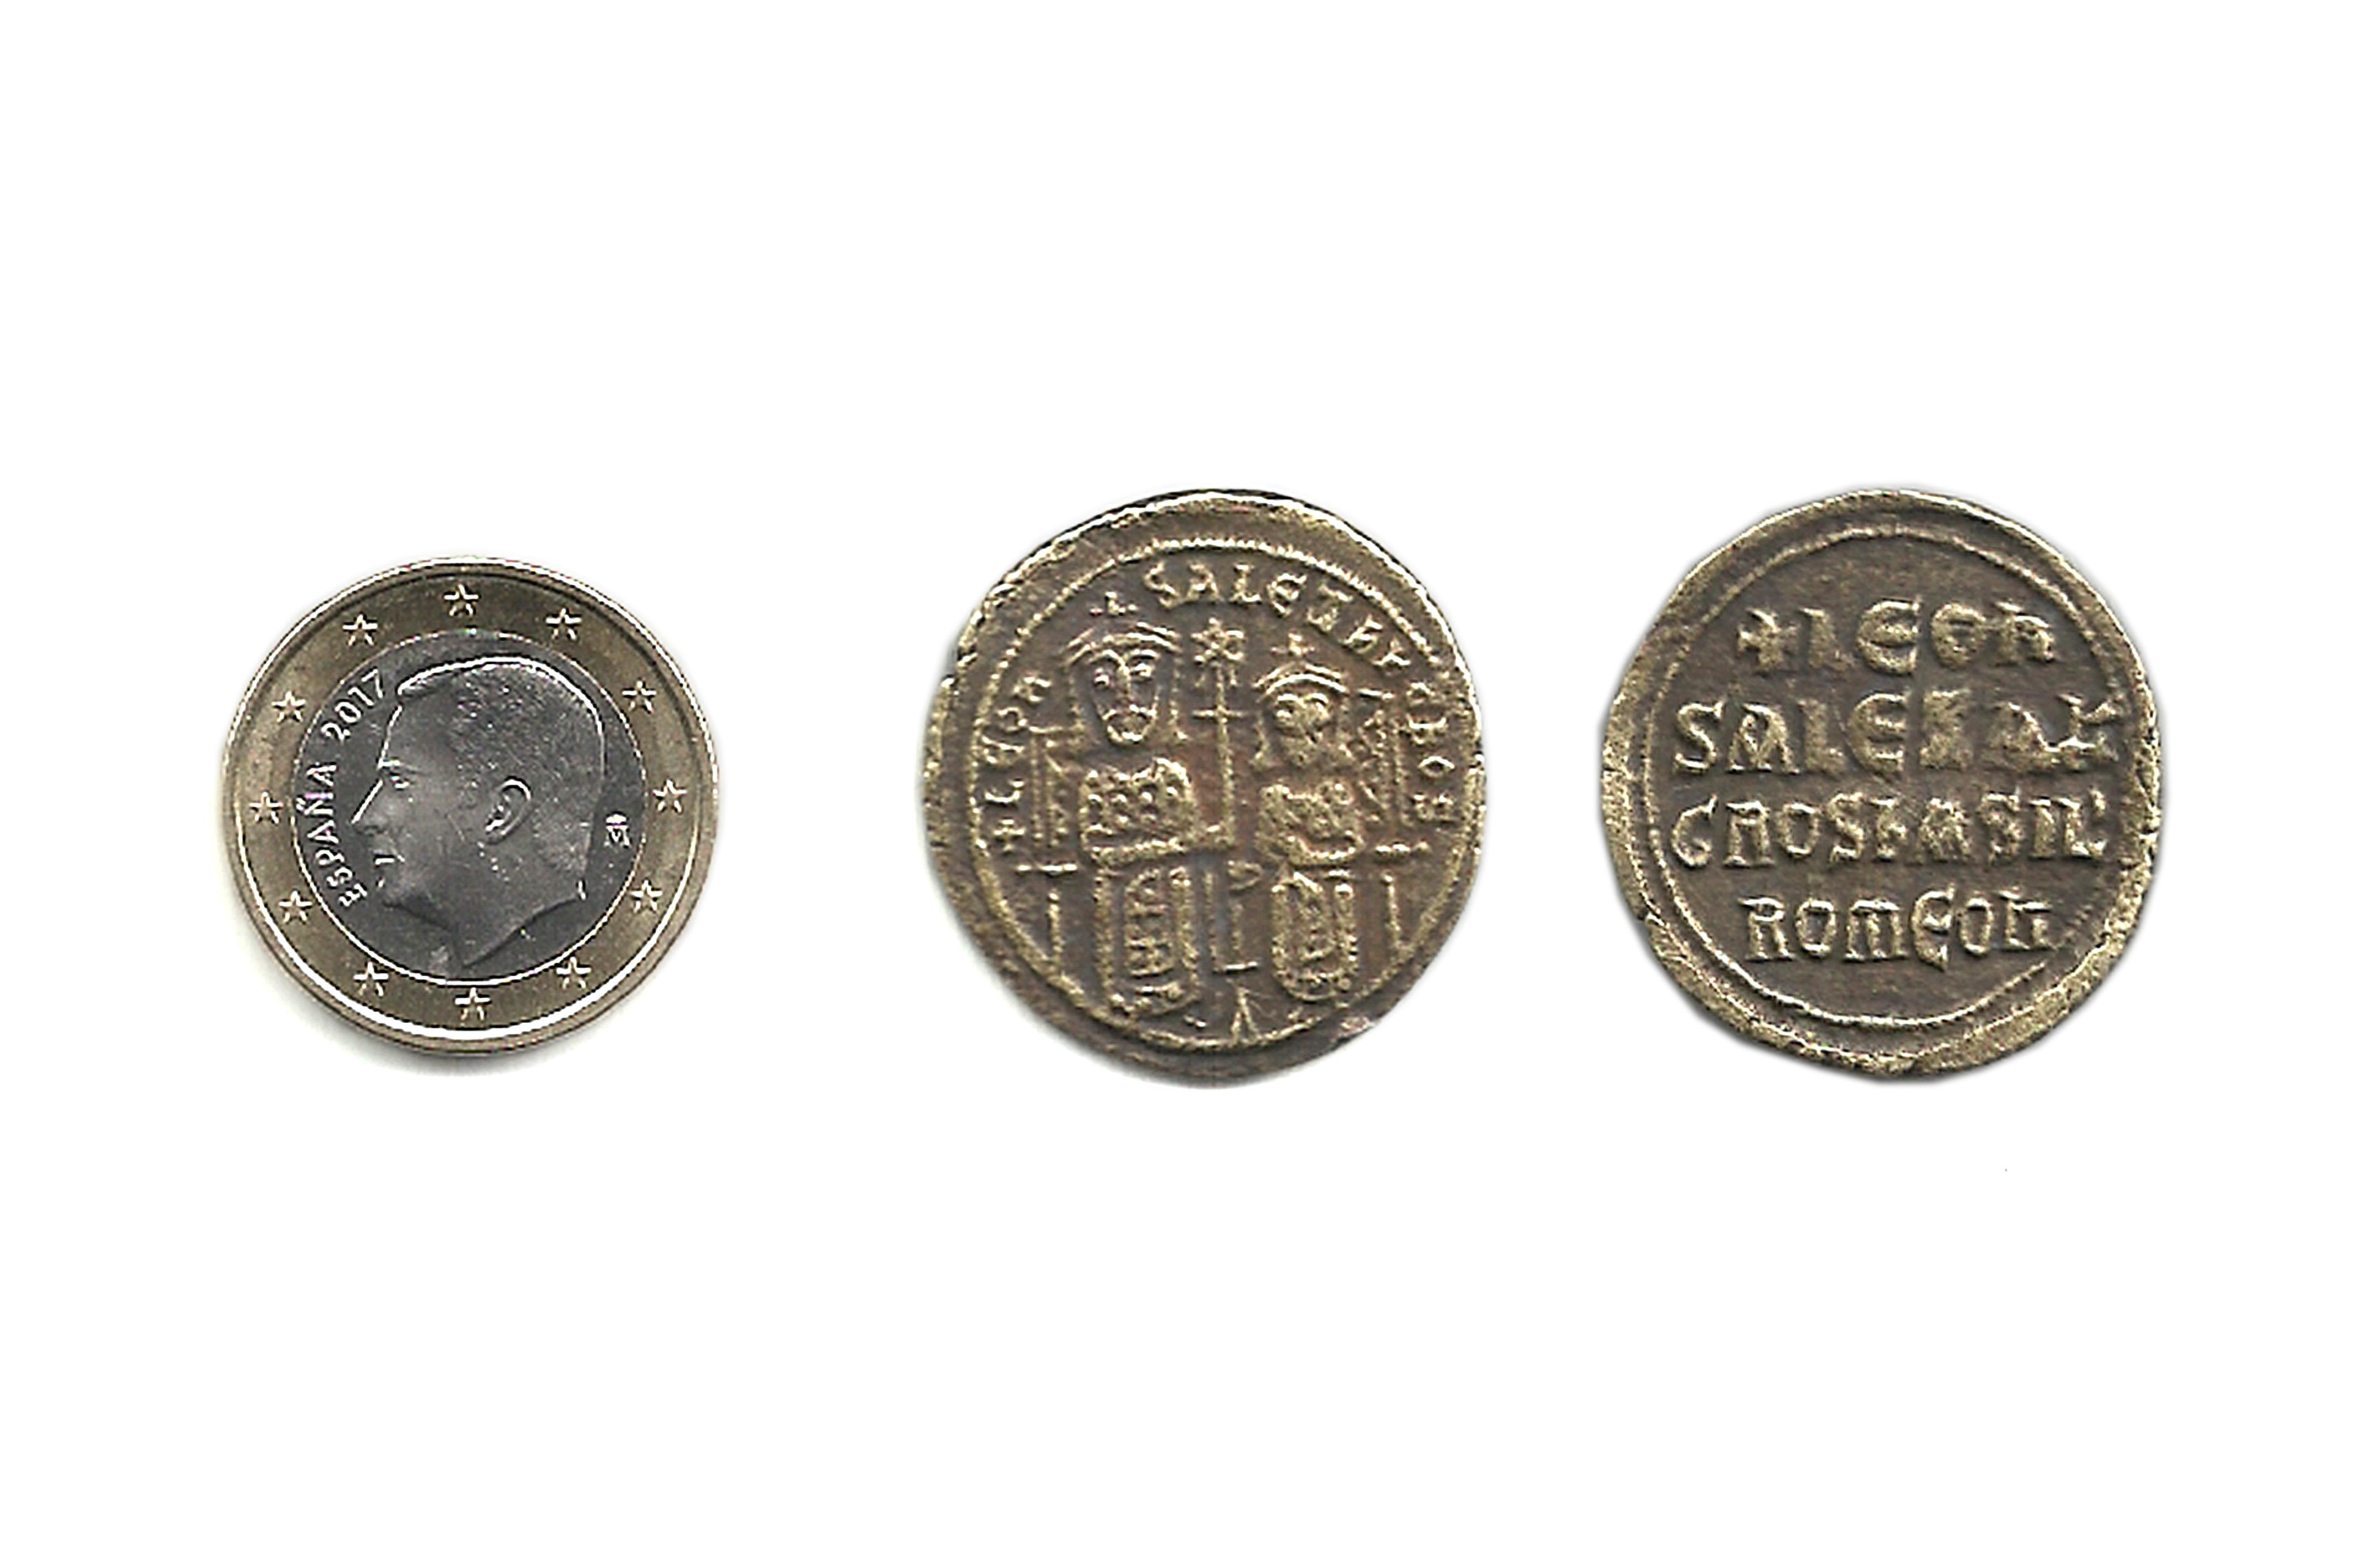 Follis de León VI